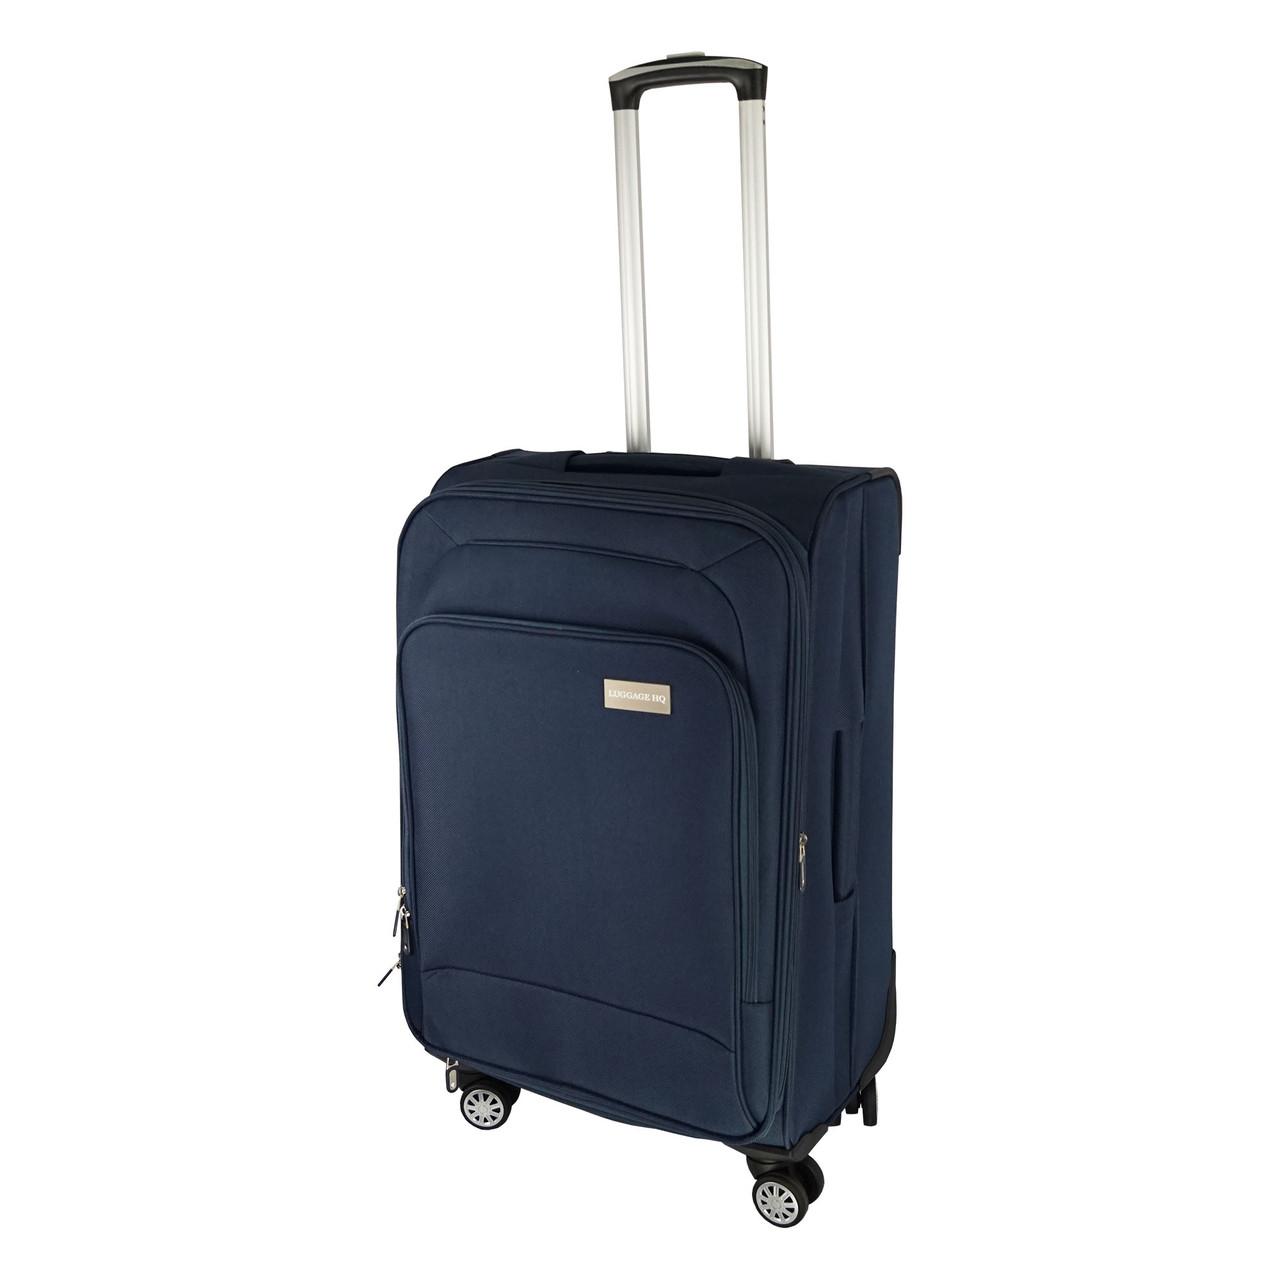 fc9028623beb Чемодан на колесиках Luggage HQ (66х41 см) средний: продажа, цена в ...